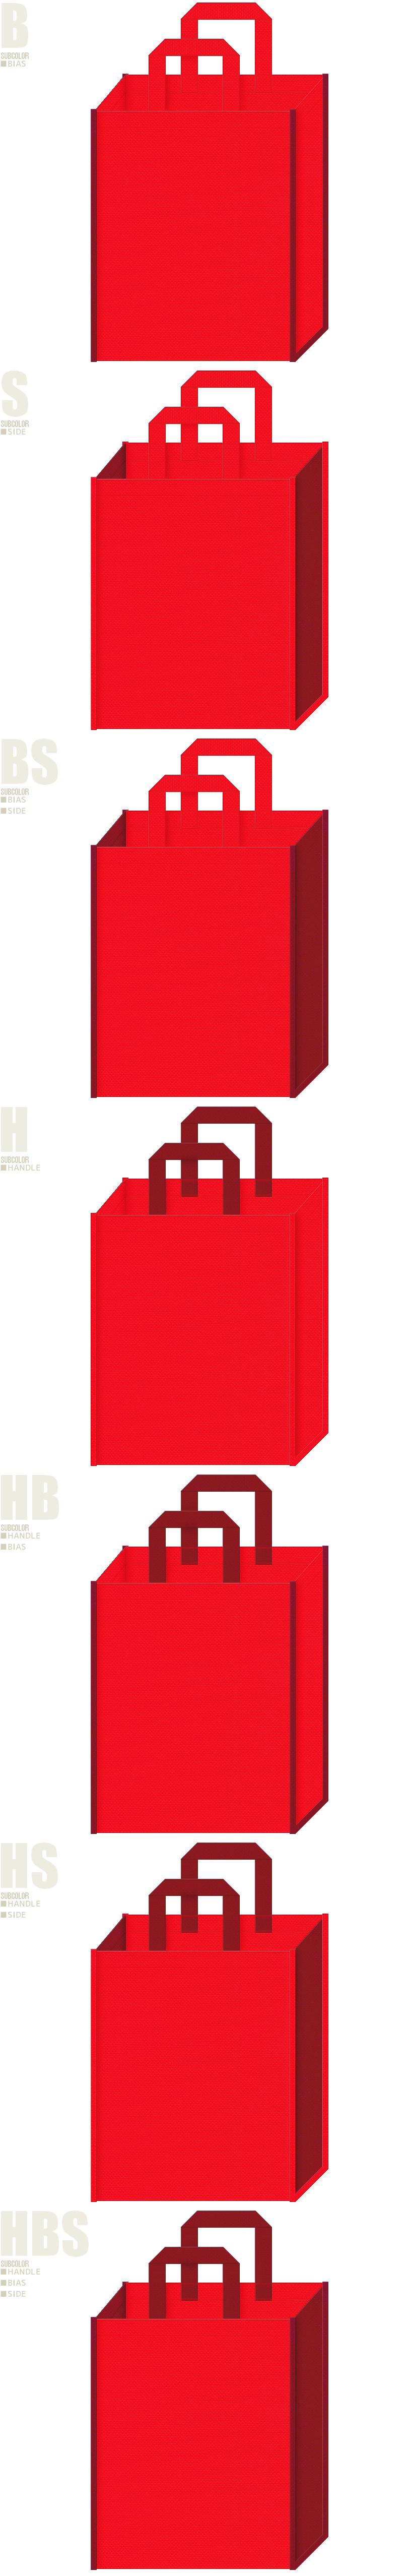 鎧兜・端午の節句・赤備え・お城イベント・紅葉・観光土産・クリスマス・暖炉・ストーブ・お正月・福袋にお奨めの不織布バッグデザイン:赤色とエンジ色の配色7パターン